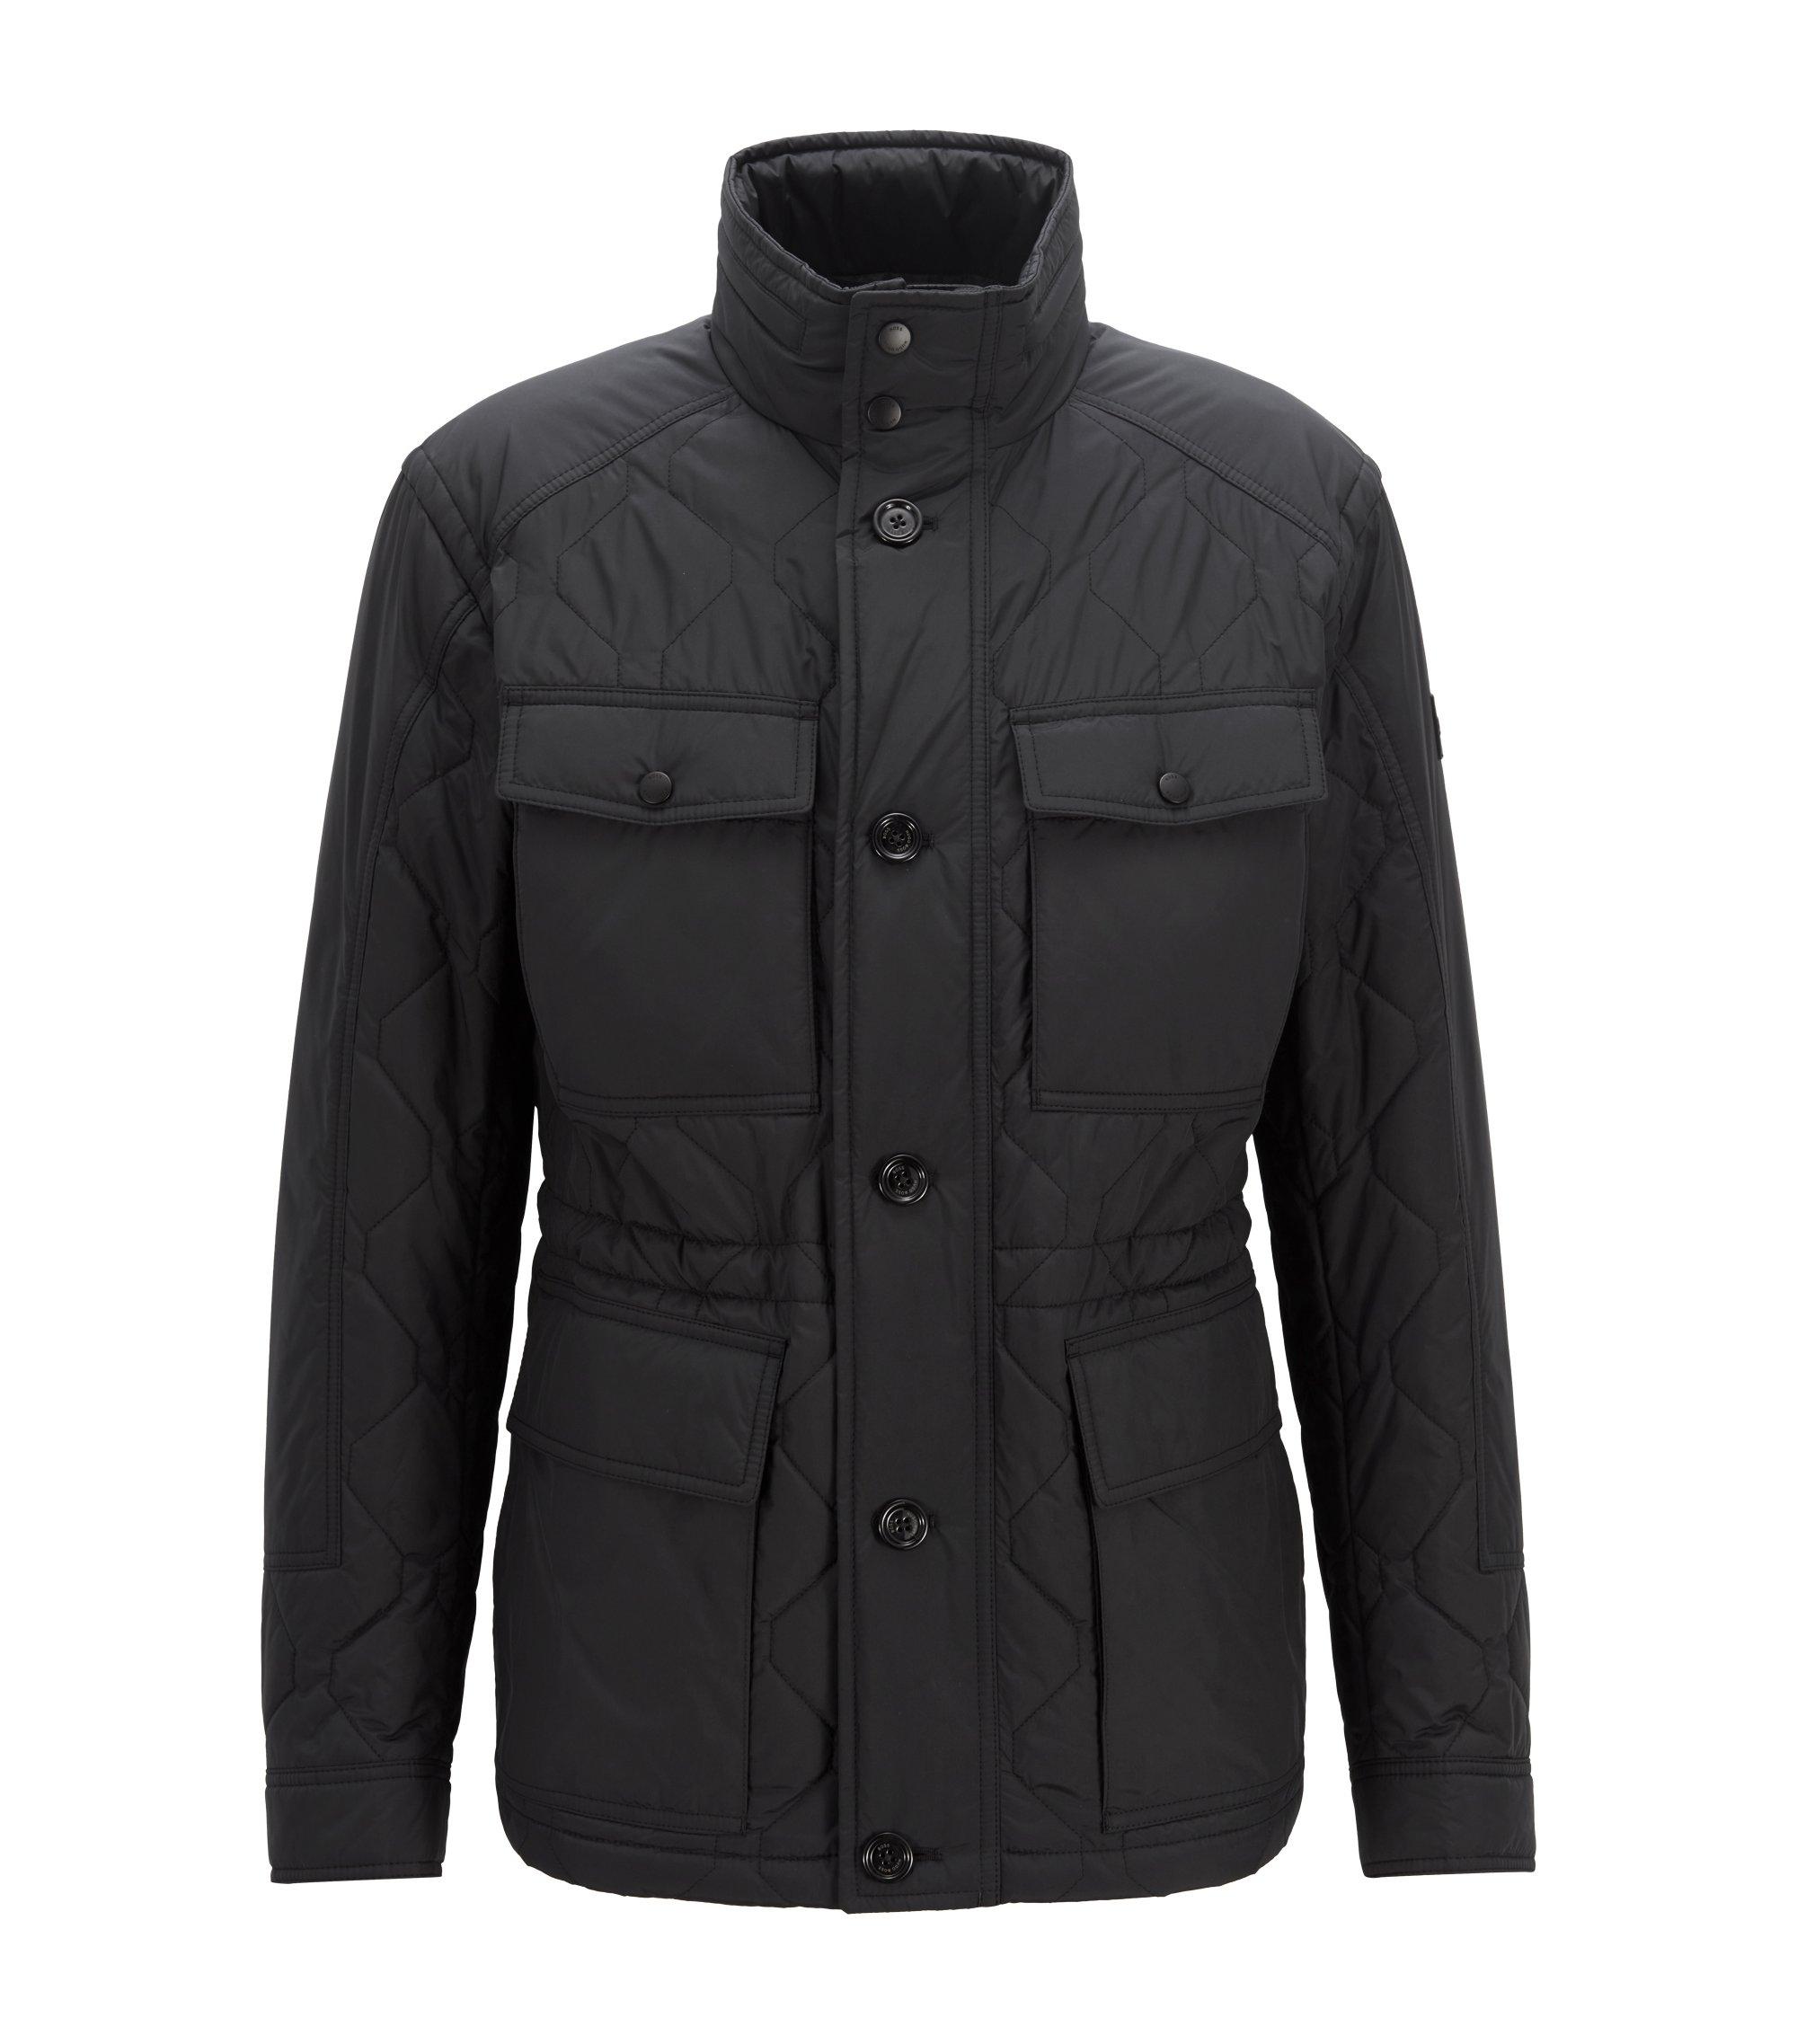 Veste militaire matelassée Regular Fit avec extérieur imperméable, Noir